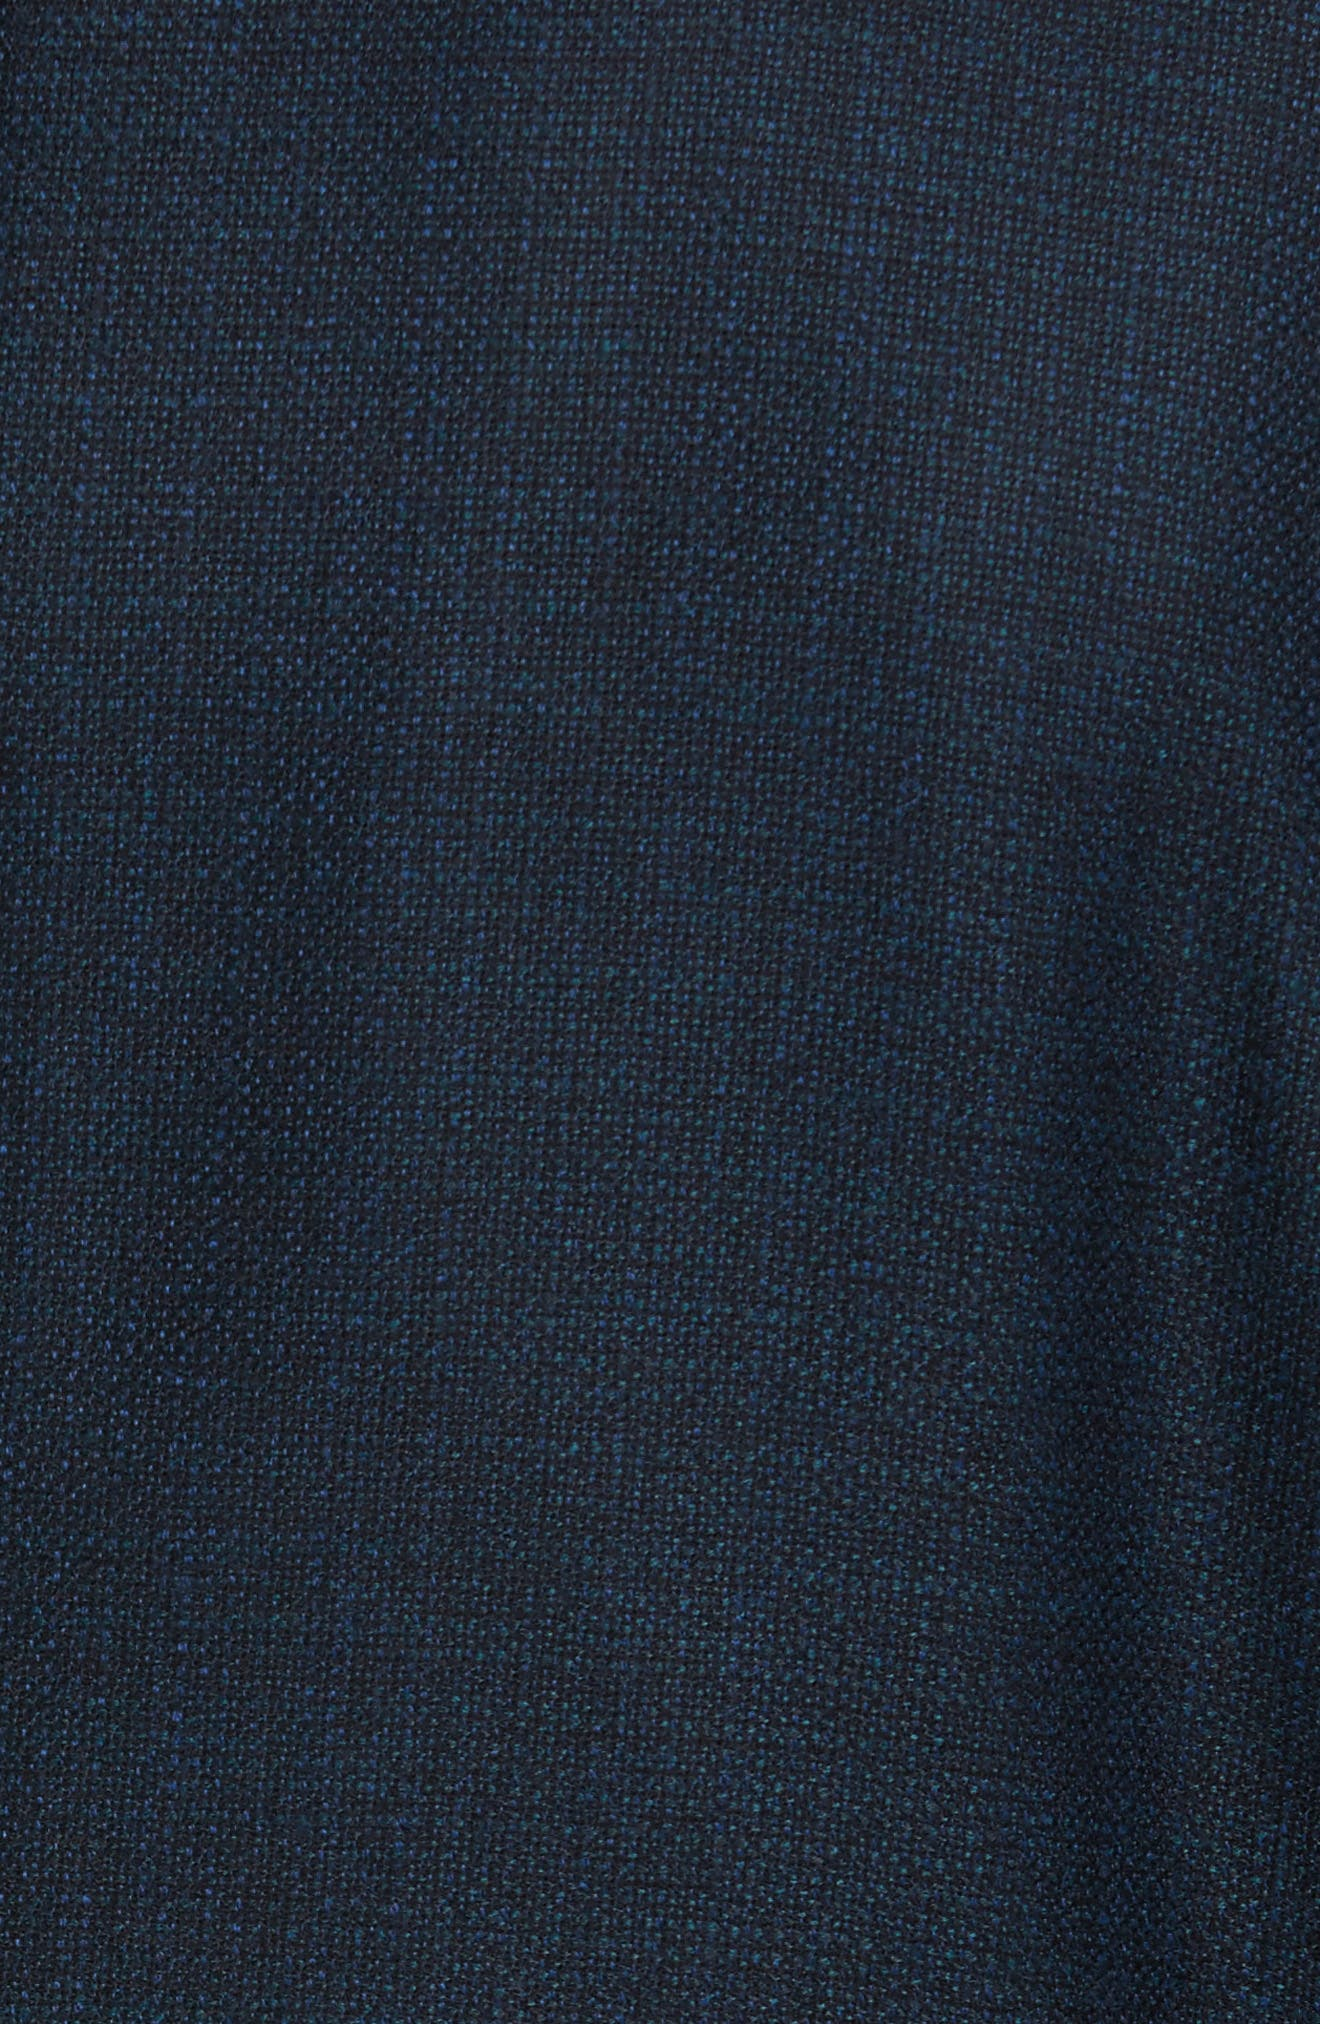 Kyle Trim Fit Check Wool Sport Coat,                             Alternate thumbnail 5, color,                             475